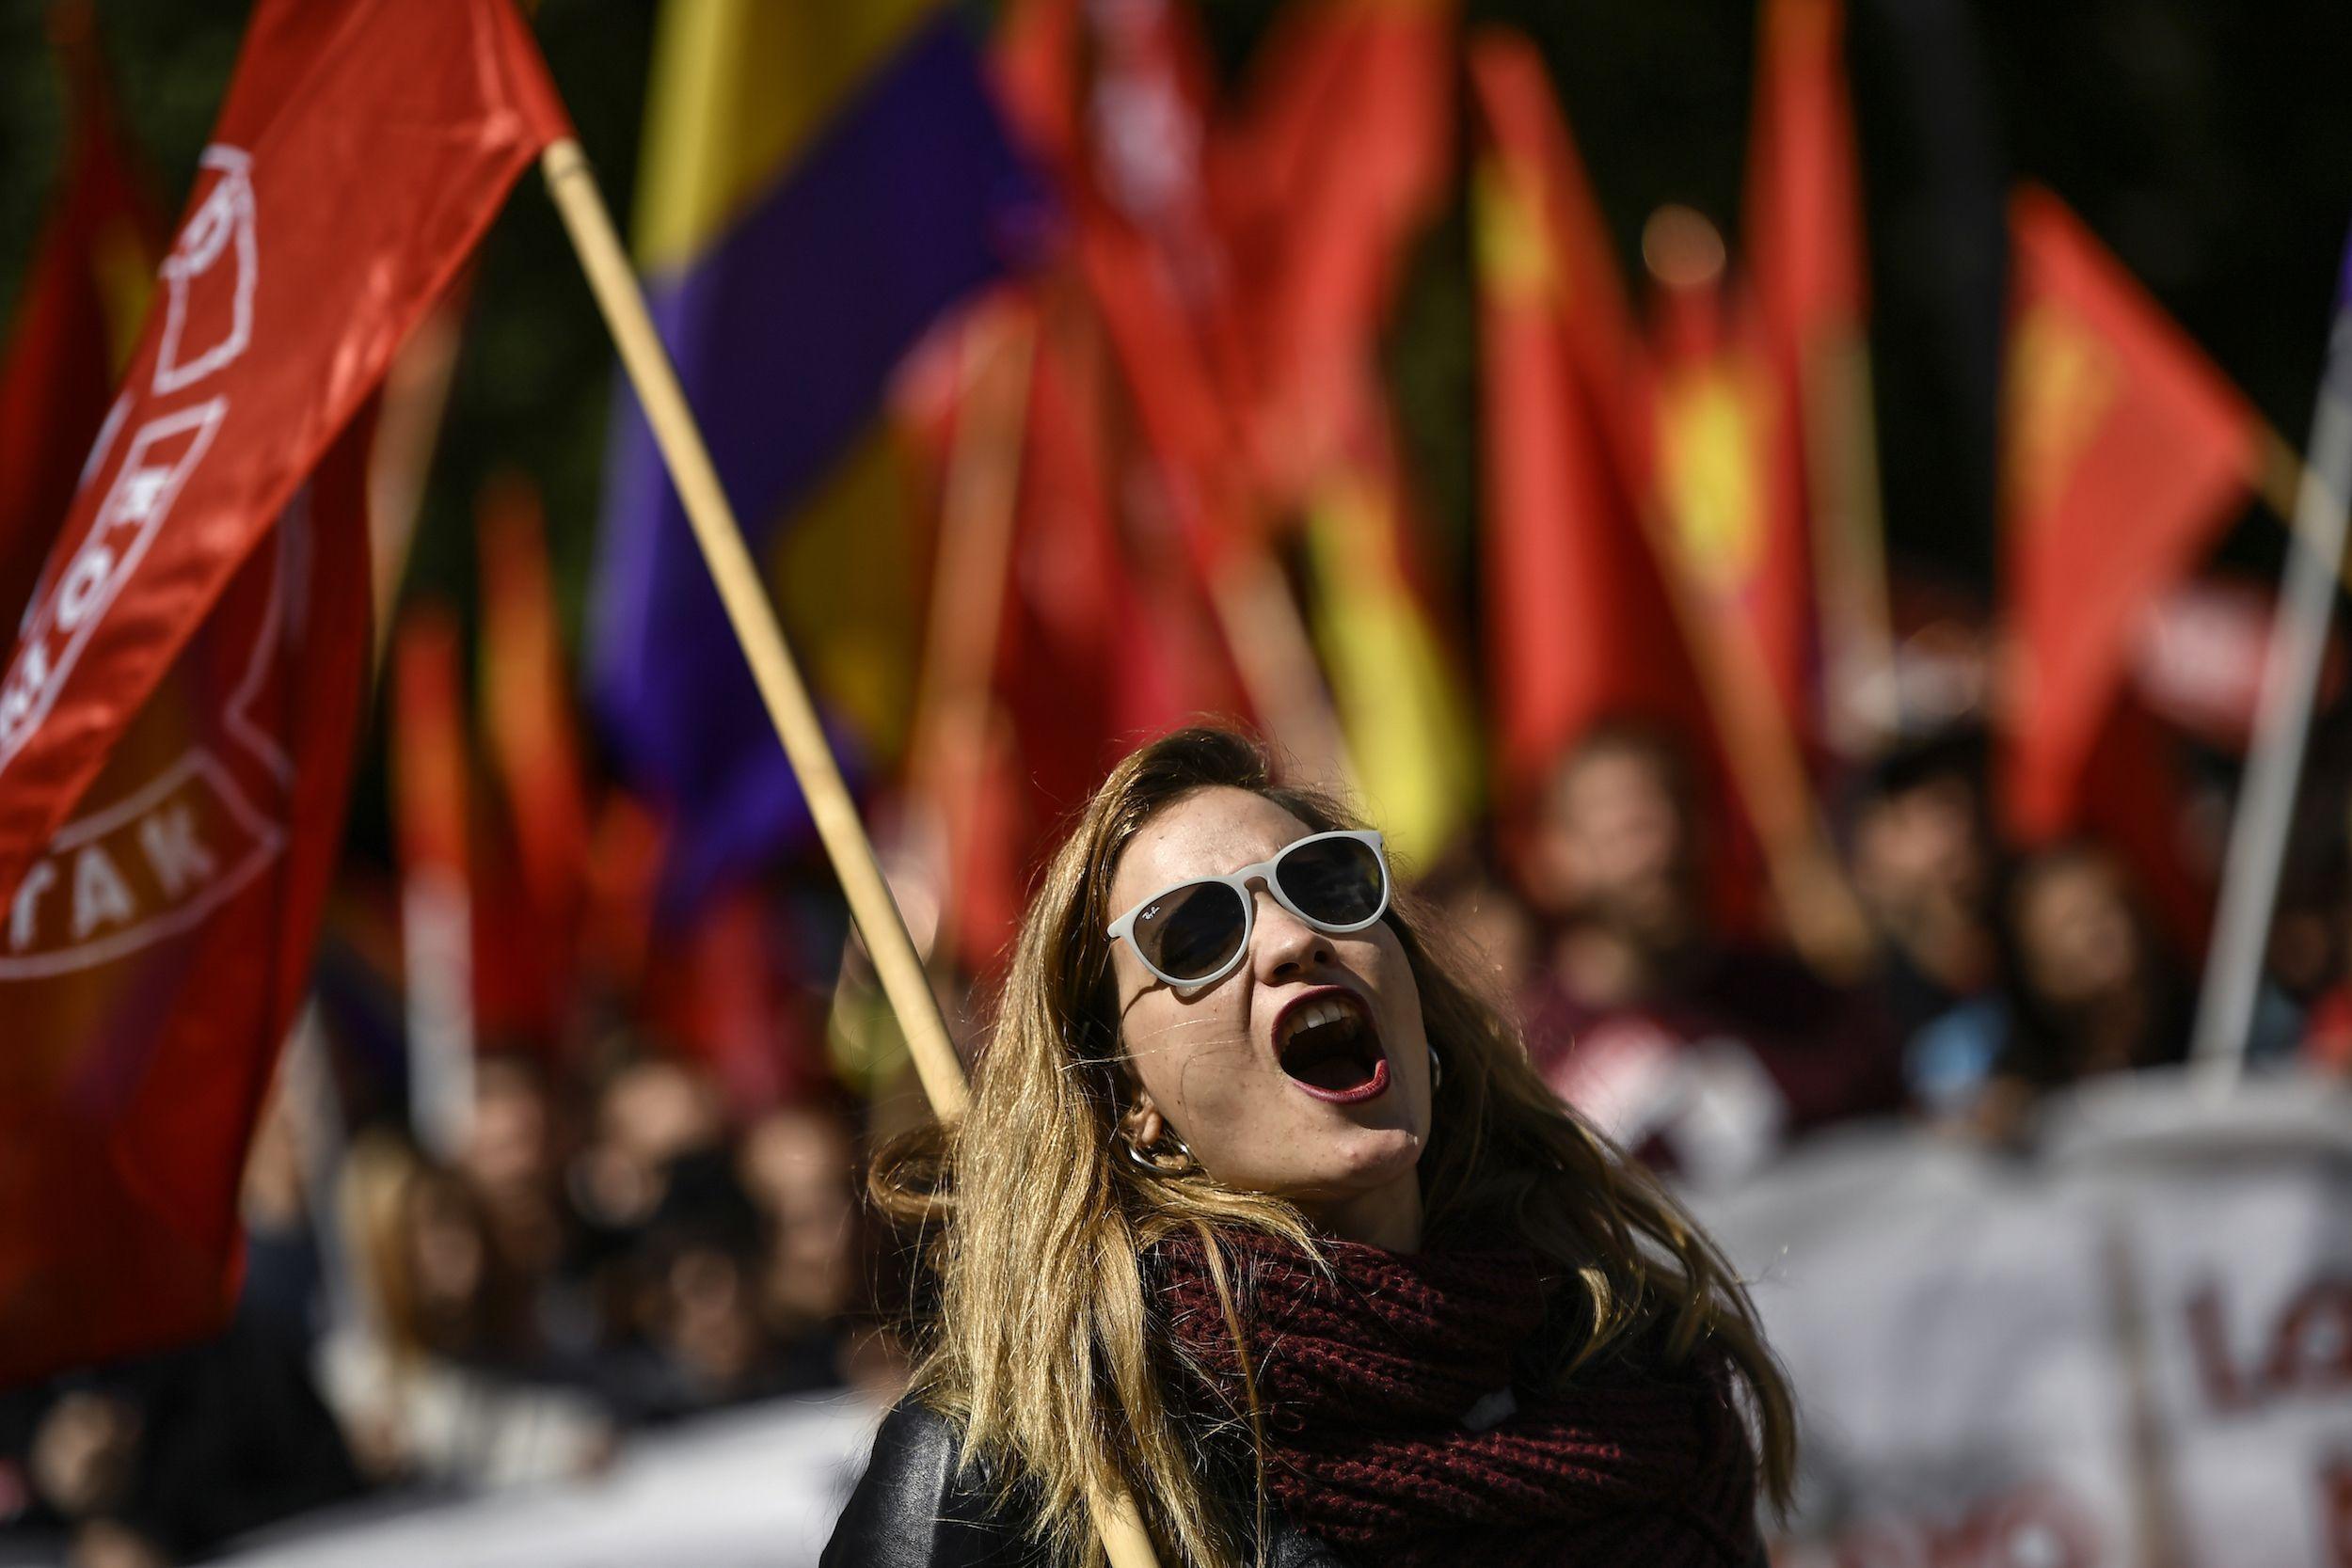 En España, los dos sindicatos principales convocaron marchas en más de 70 ciudades del país, en el Día de los Trabajadores.